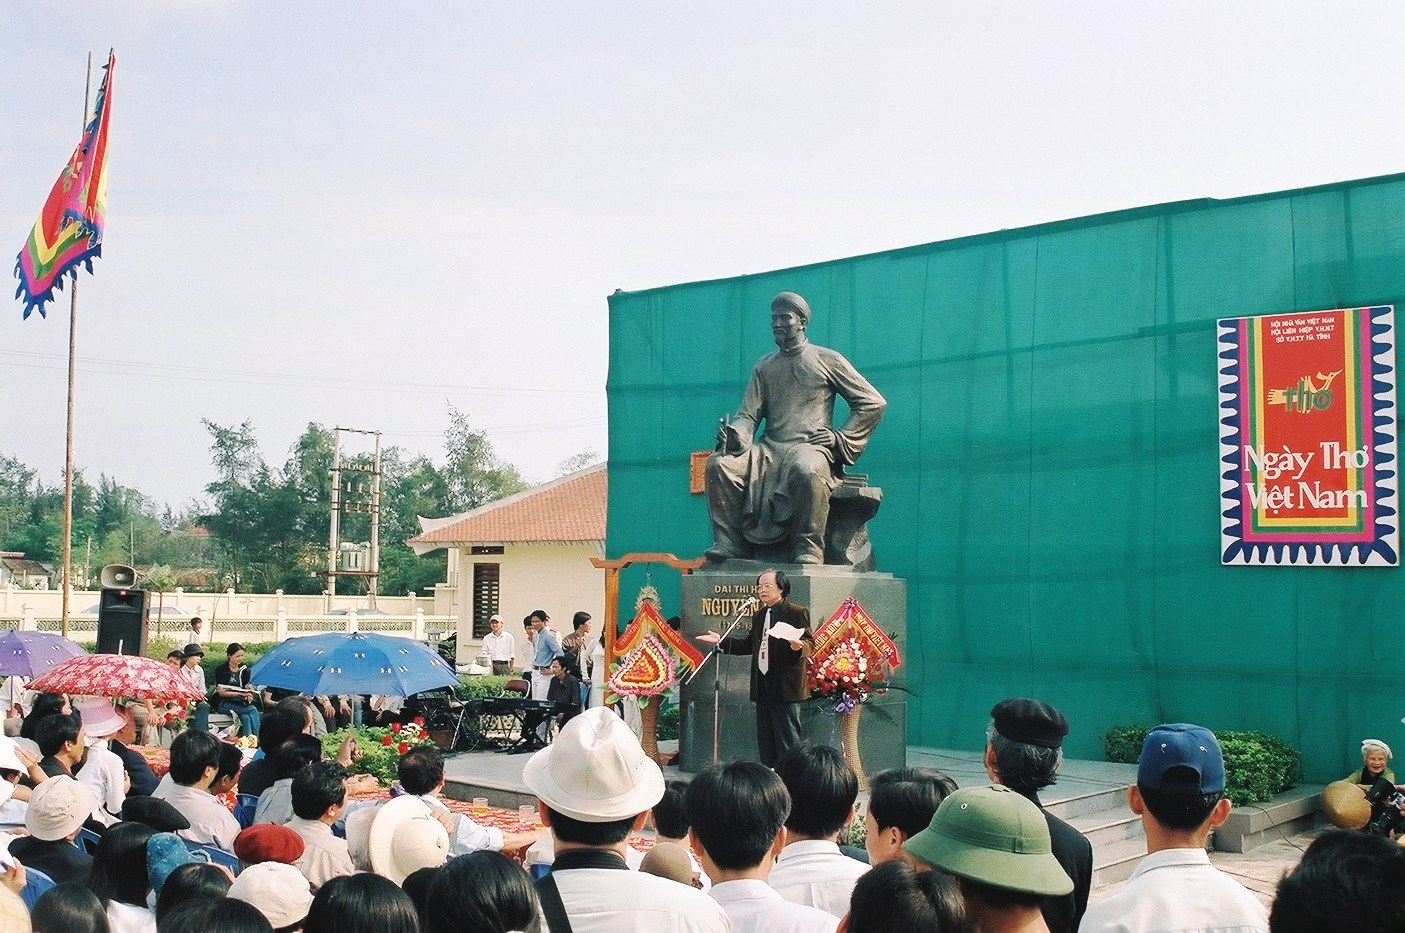 Tham gia hoạt động kỷ niệm 200 năm ngày mất Đại thi hào Nguyễn Du tại Pháp